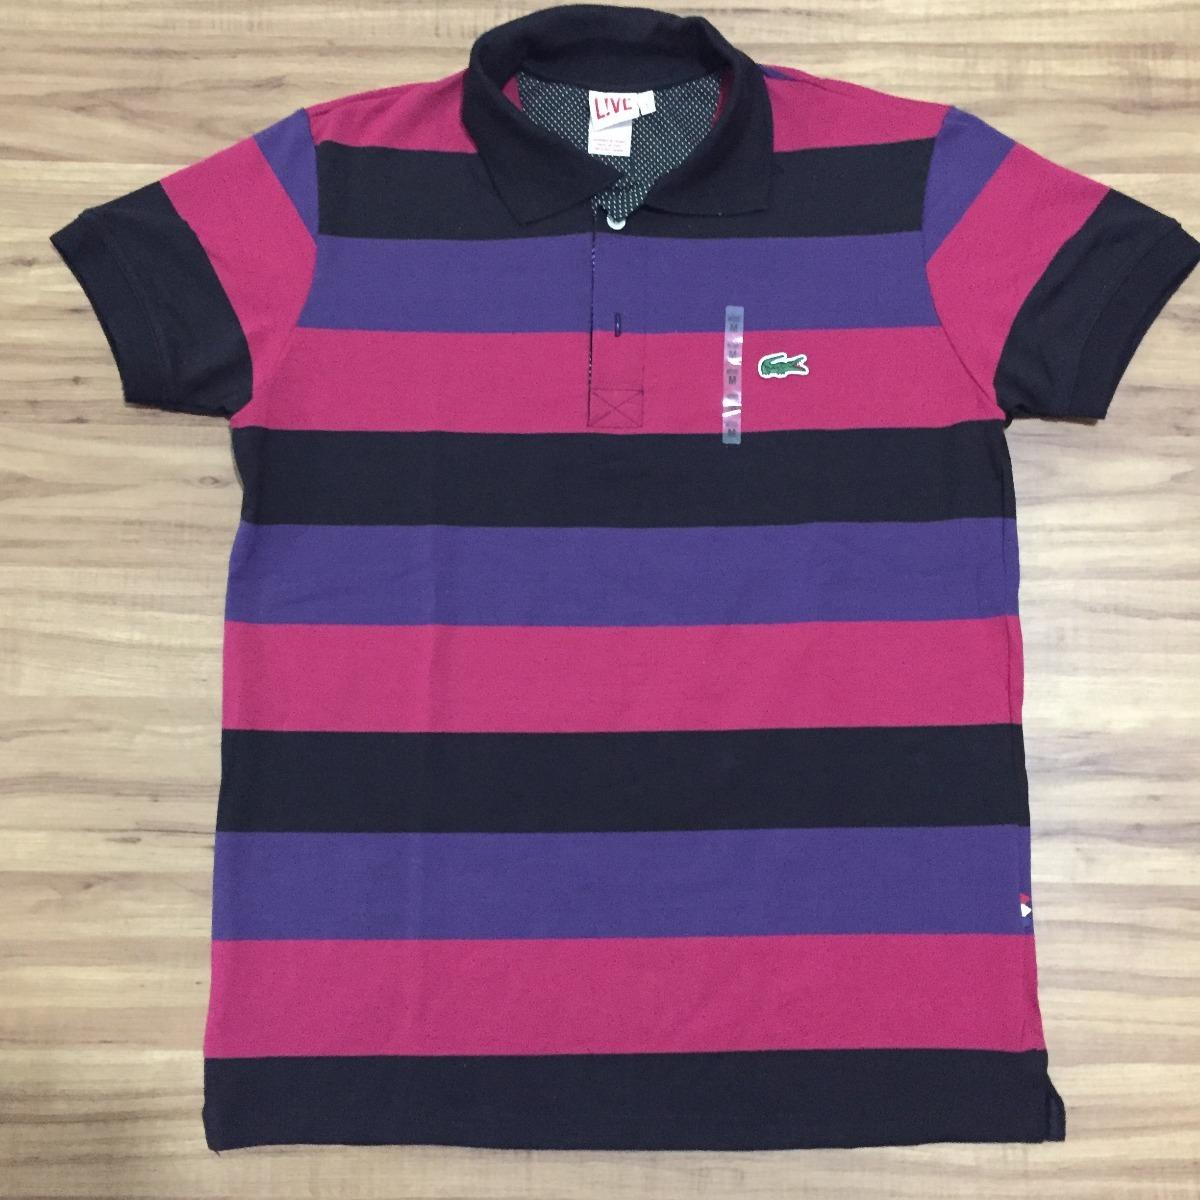 Camisa Gola Polo Lacoste Live 100% Original - R  89,90 em Mercado Livre a51805f702